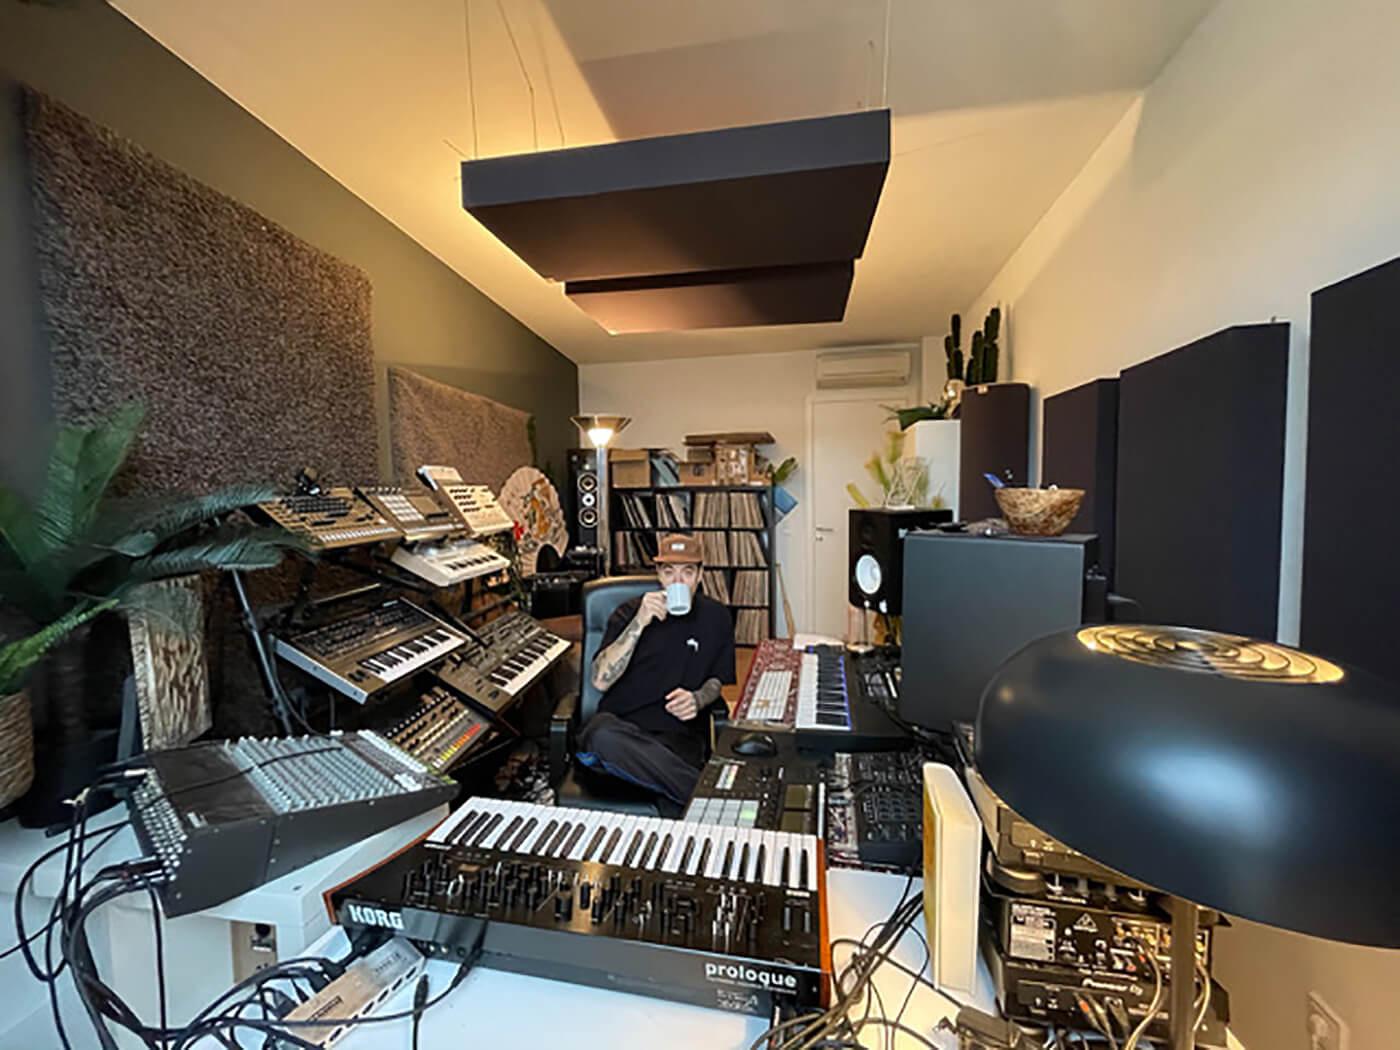 Demuja's Studio